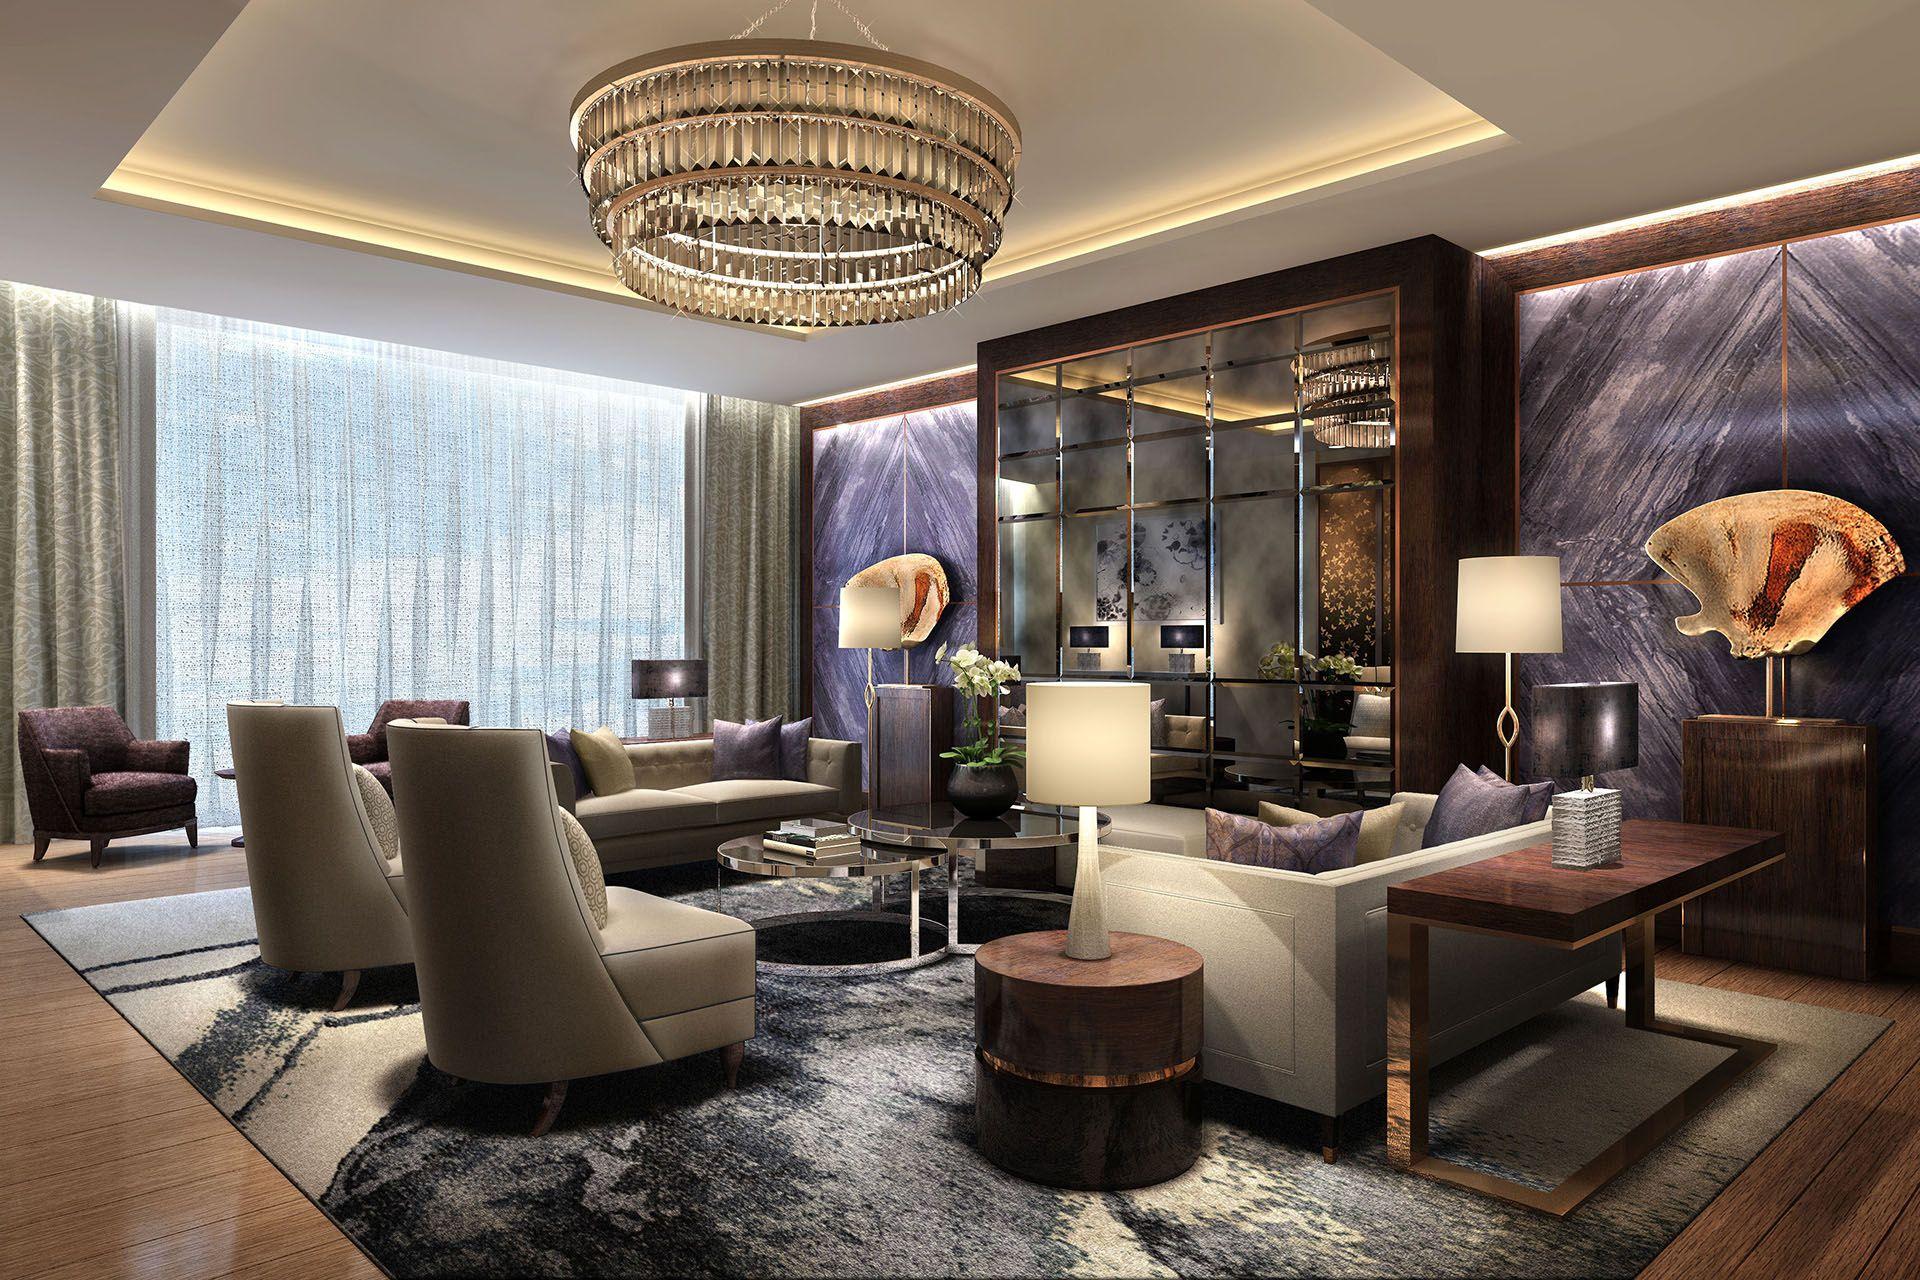 Oman convention exhibition centre interior designers - Interior design schools in boston ...